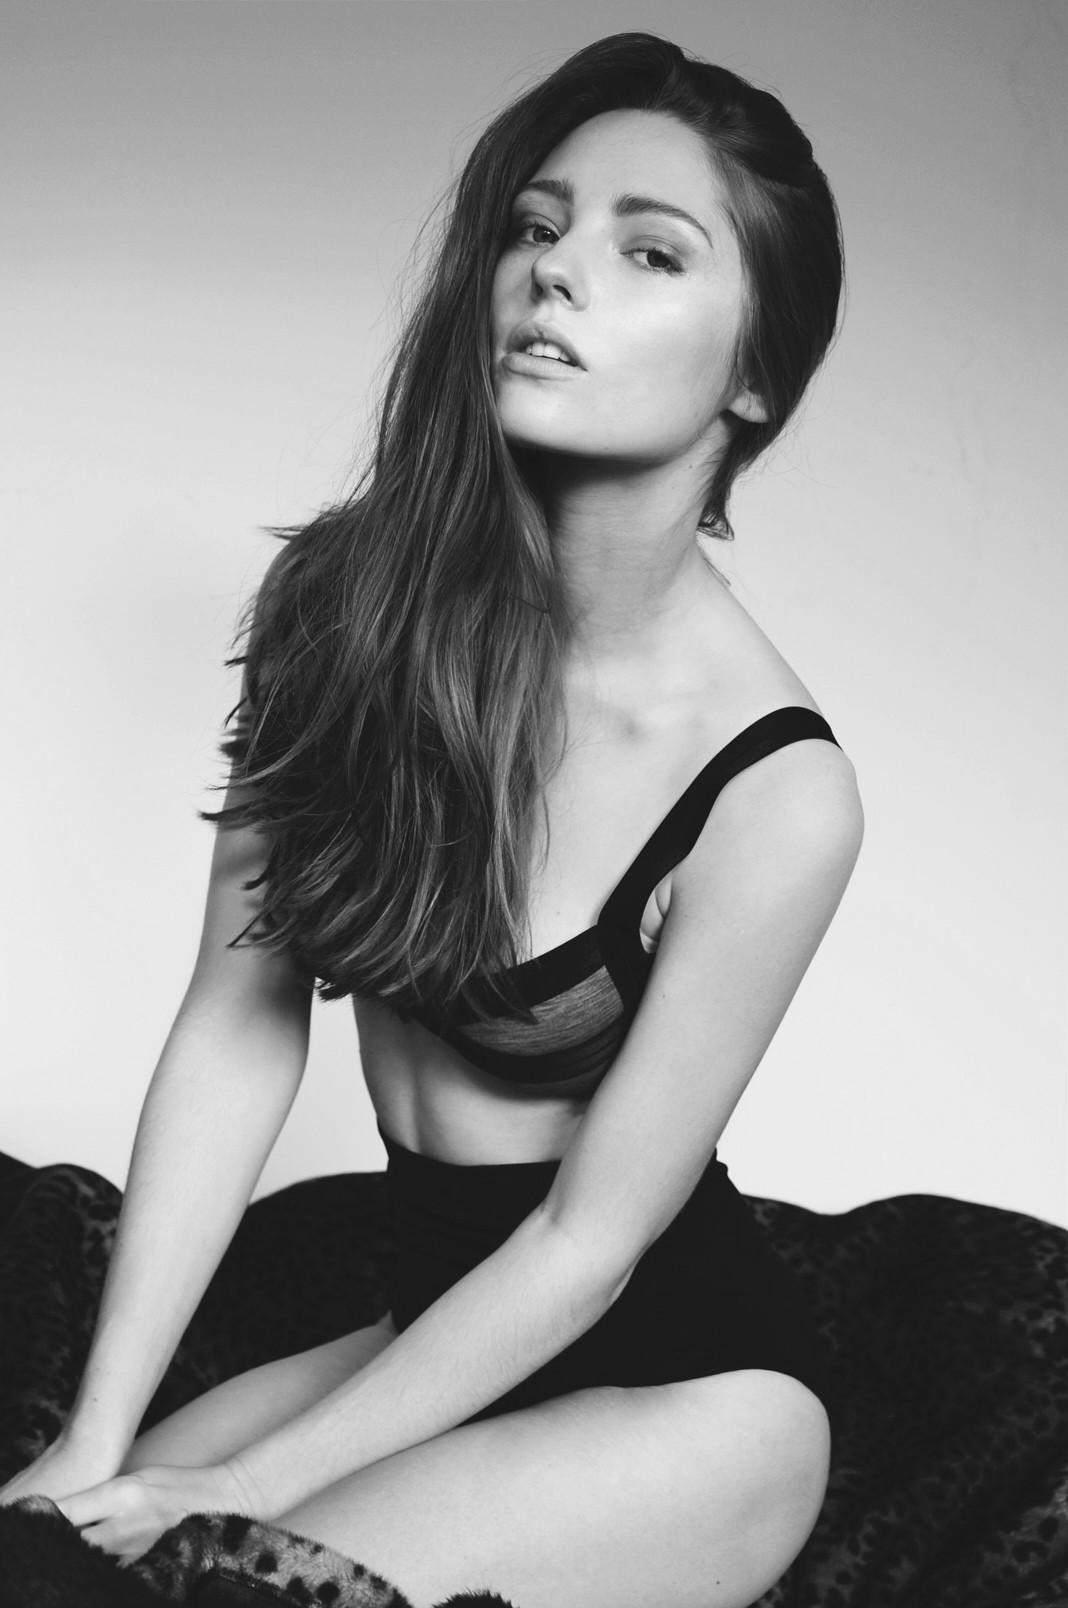 Ellie Dowling 34